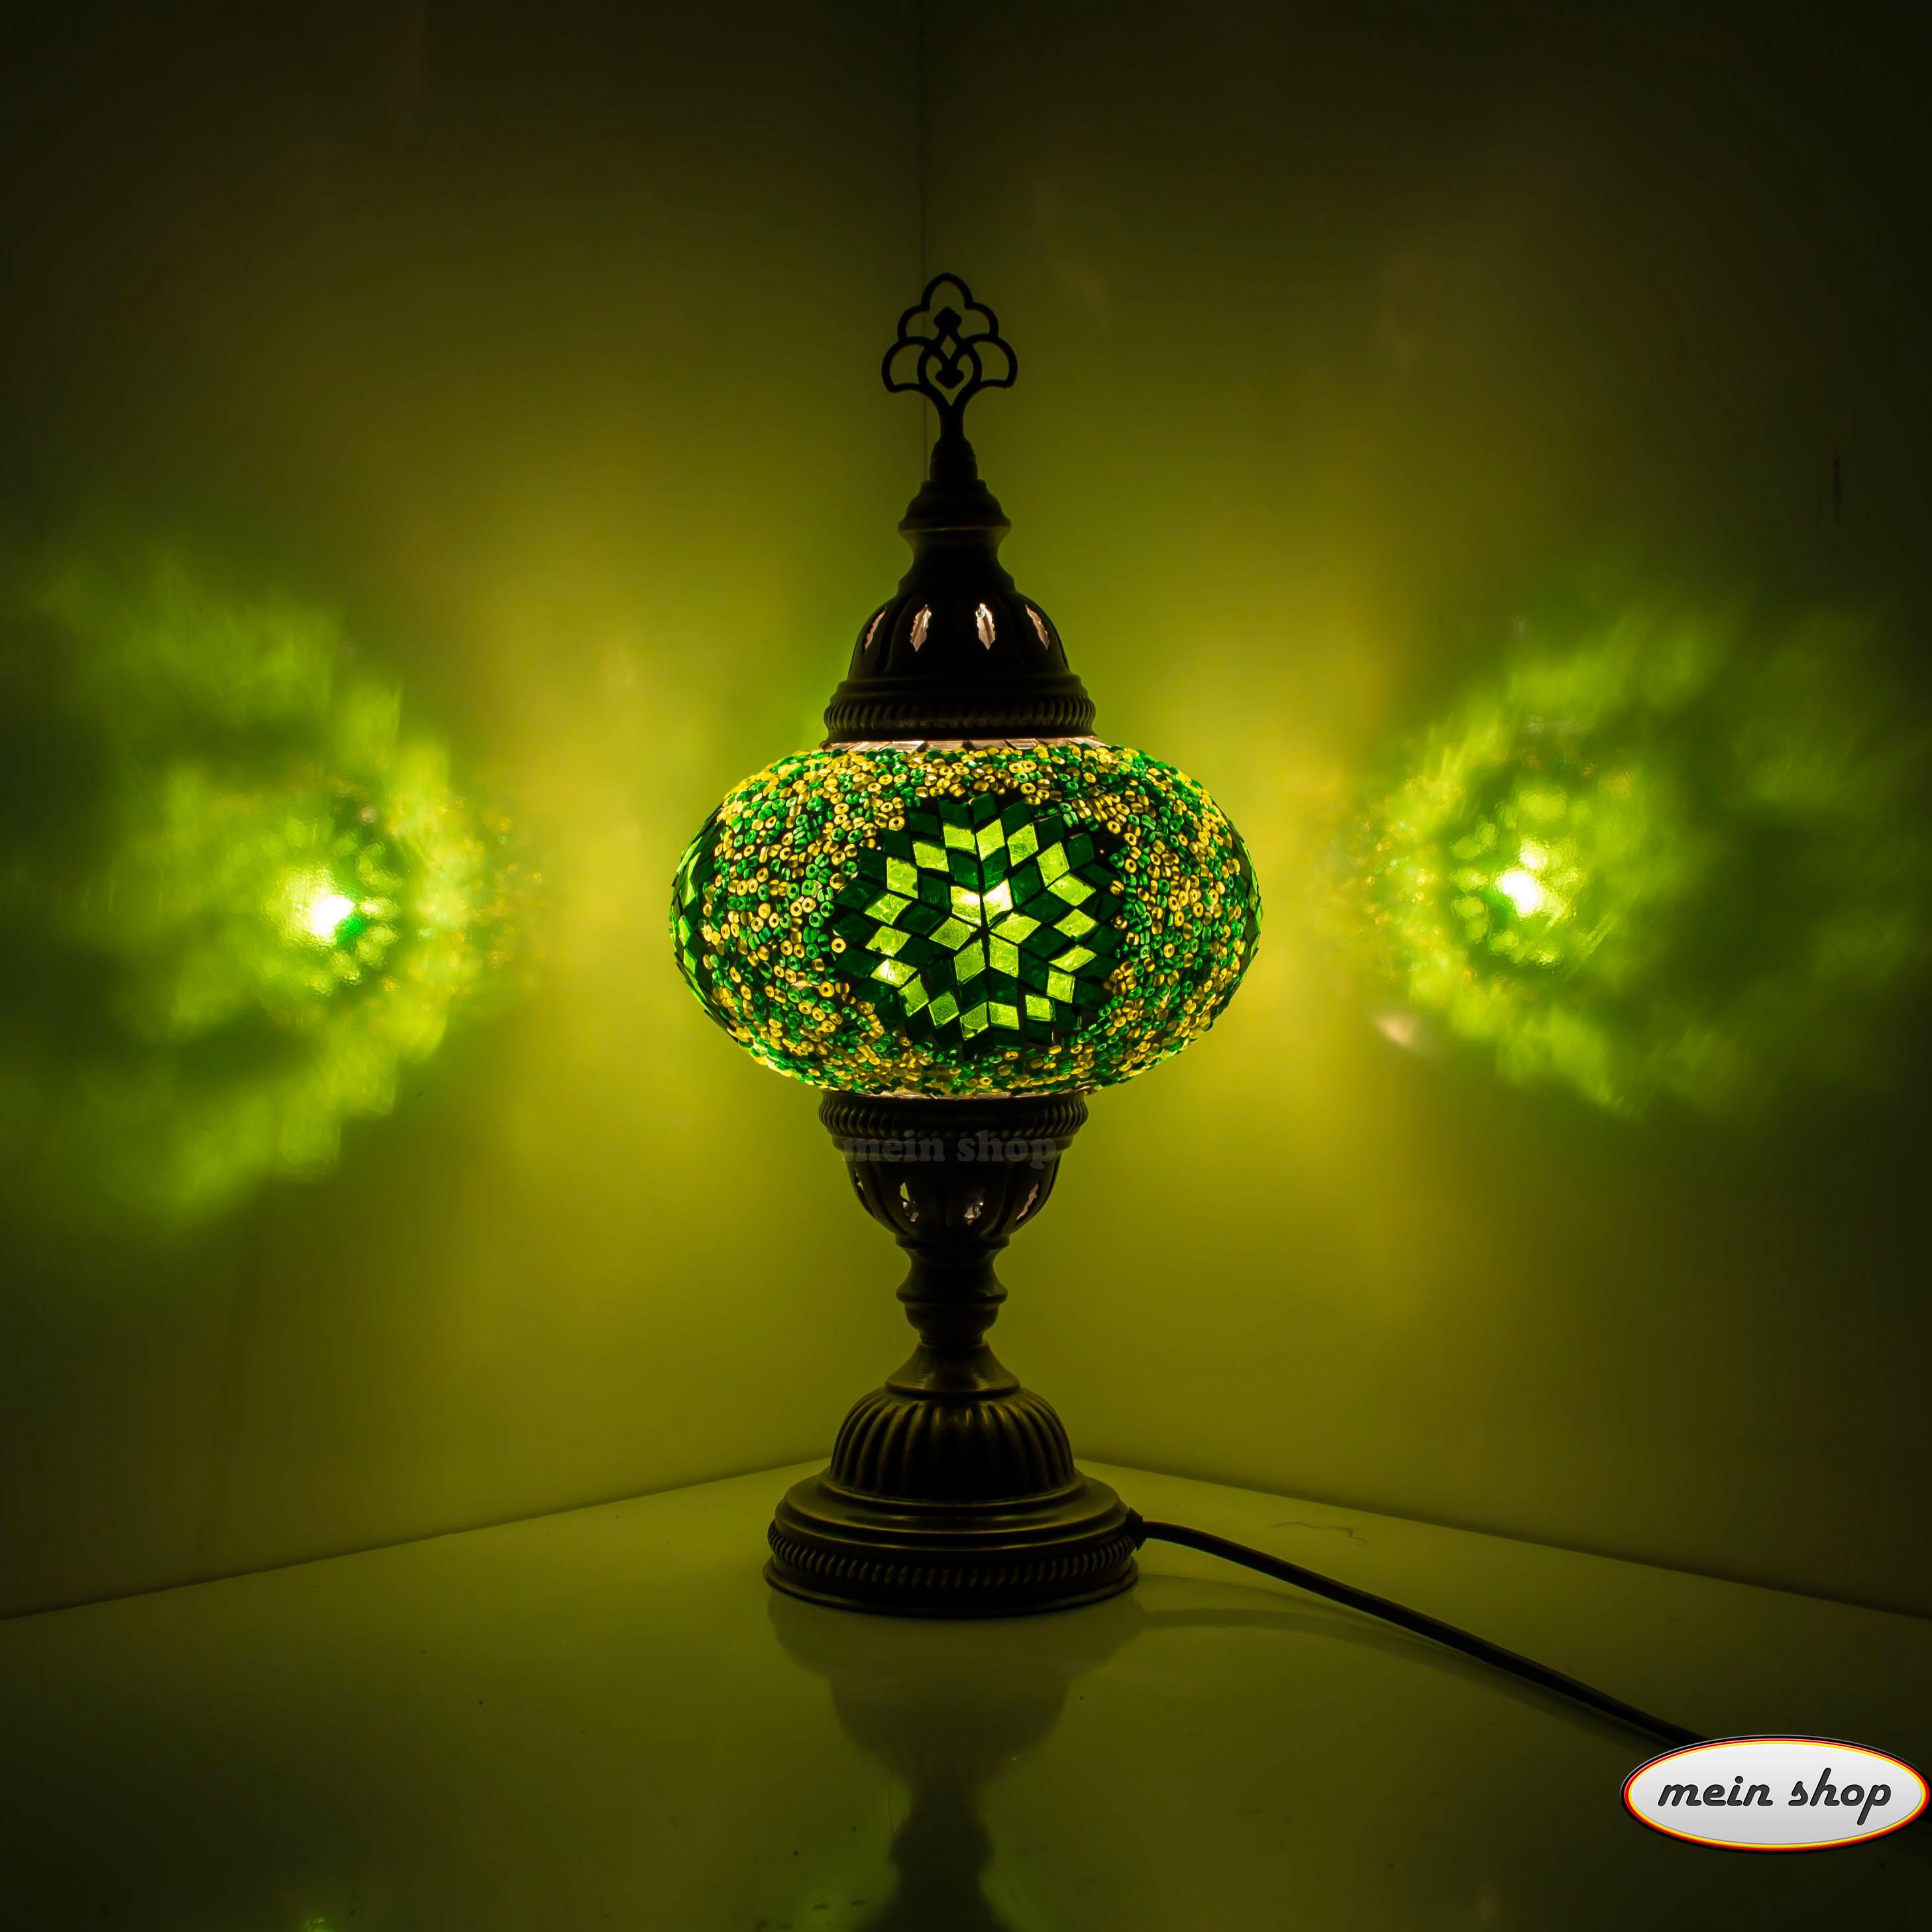 Mosaik tischlampe gr n mein shop for Mosaik lampe orientalisch